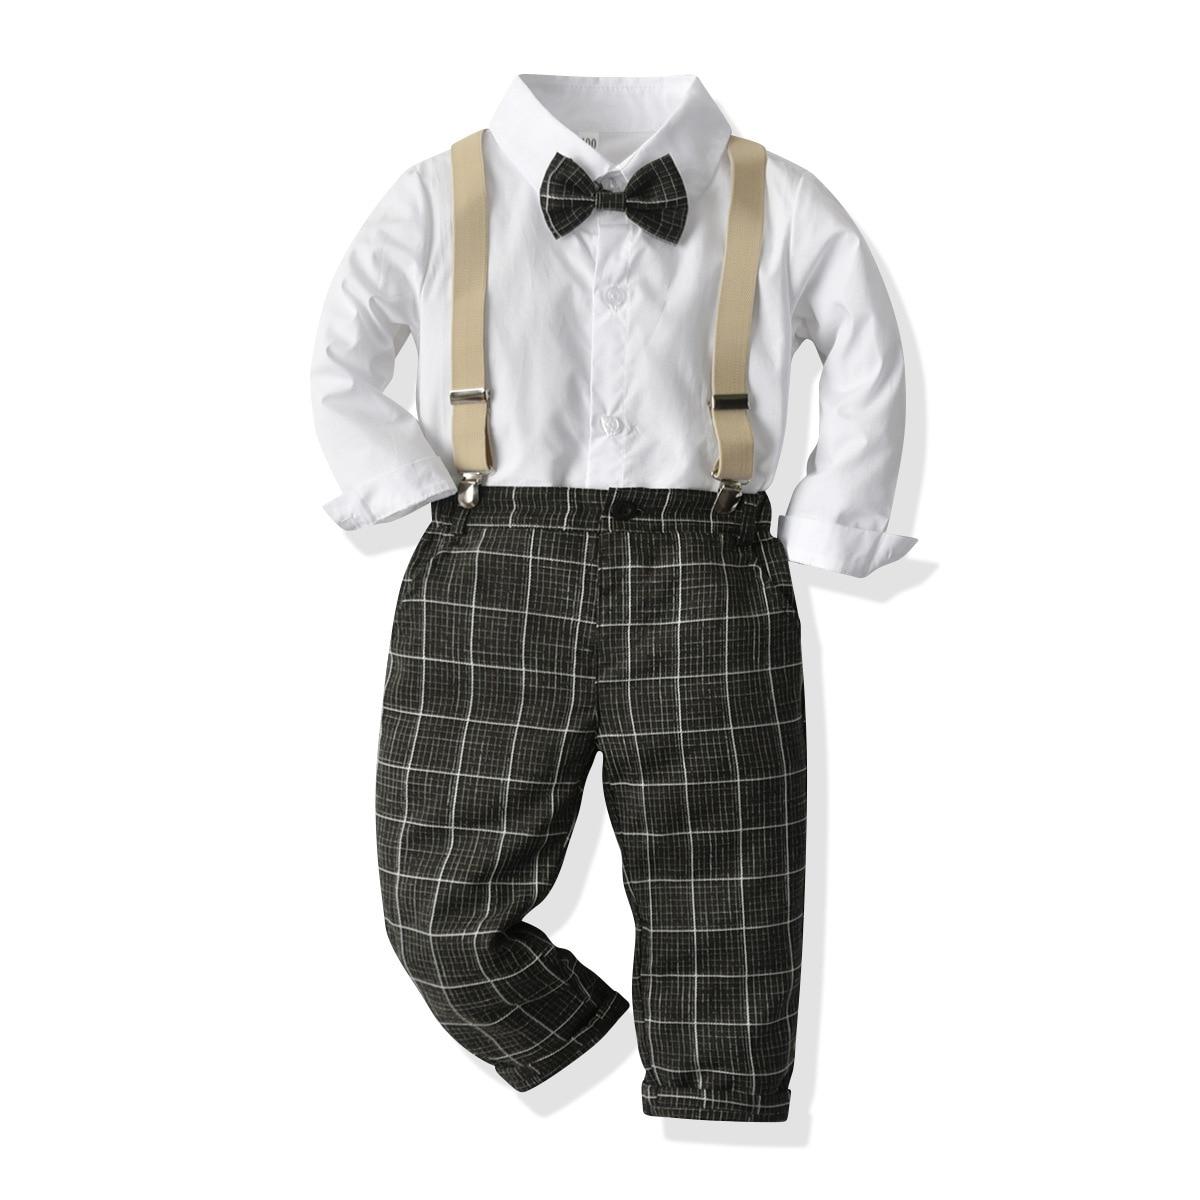 Оптовая продажа, комплект одежды для маленьких мальчиков, Осенний Детский костюм, рубашка и штаны, детская одежда, костюмы для младенцев, оф...